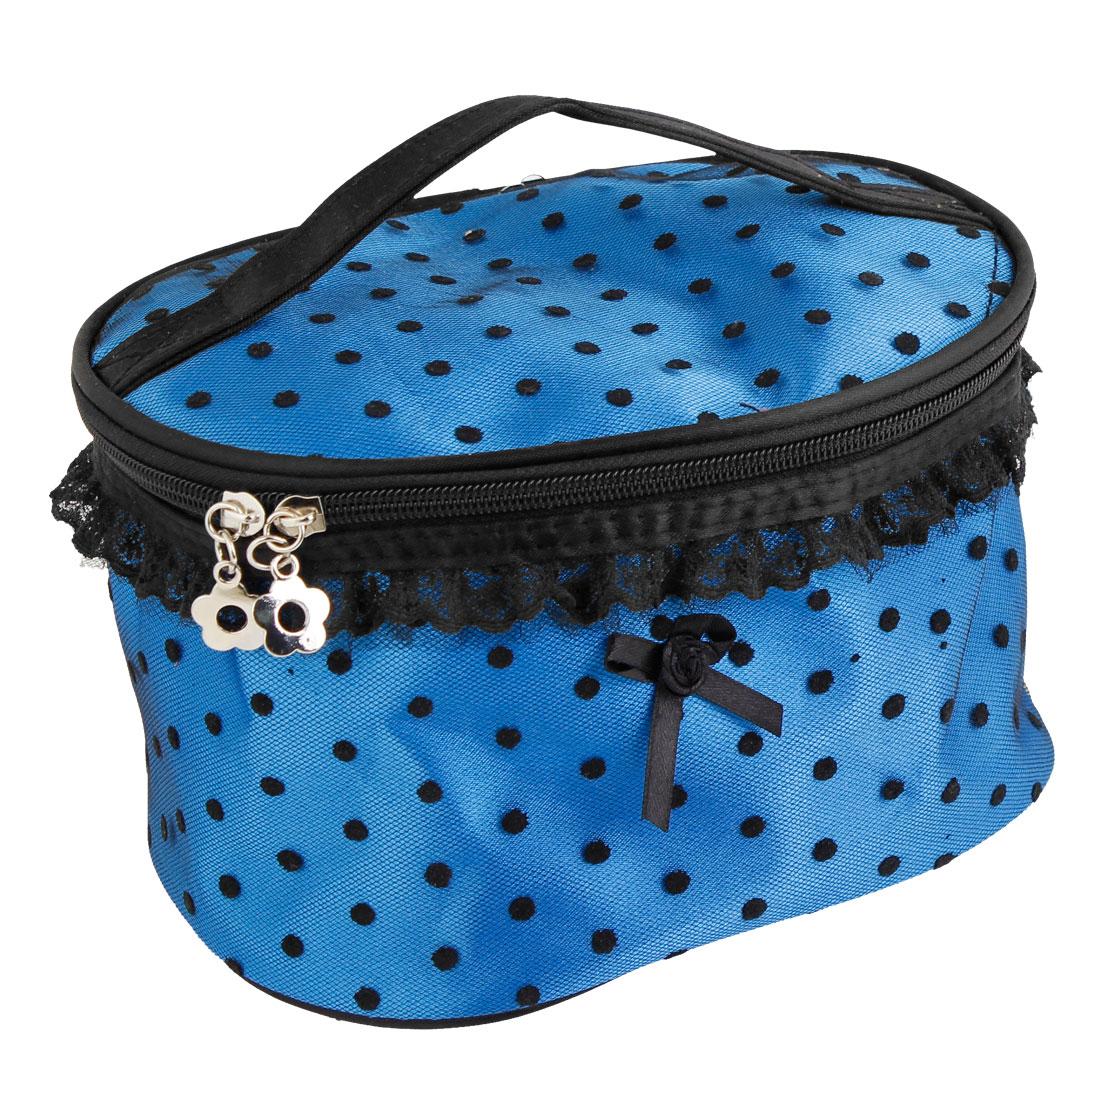 Ladies Blue Nylon Dots Accent Dual Zipper Cosmetic Makeup Handbag Bag